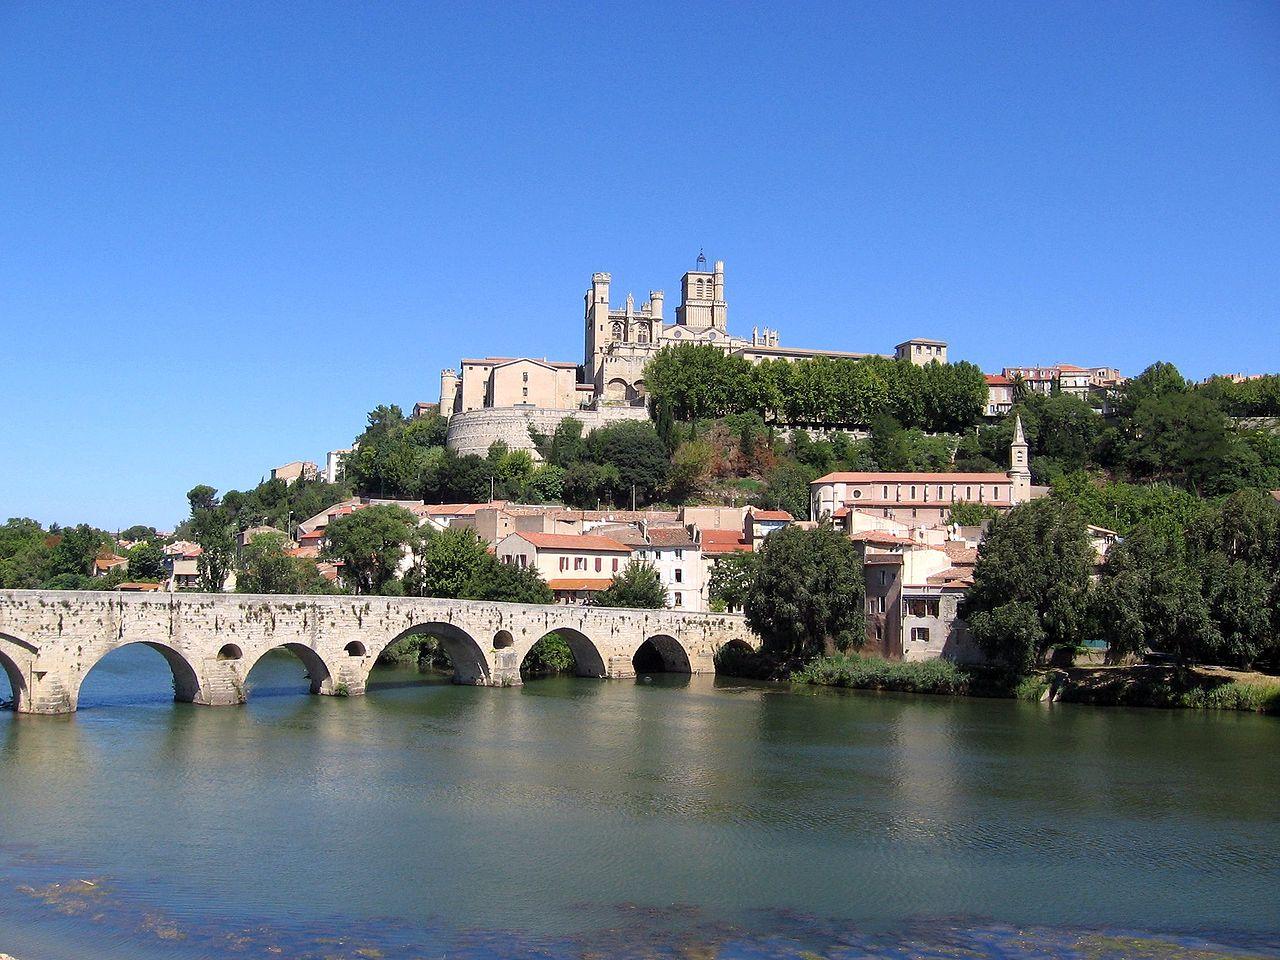 Ruta tur stica en coche por el sur de francia los for Francia cultura gastronomica